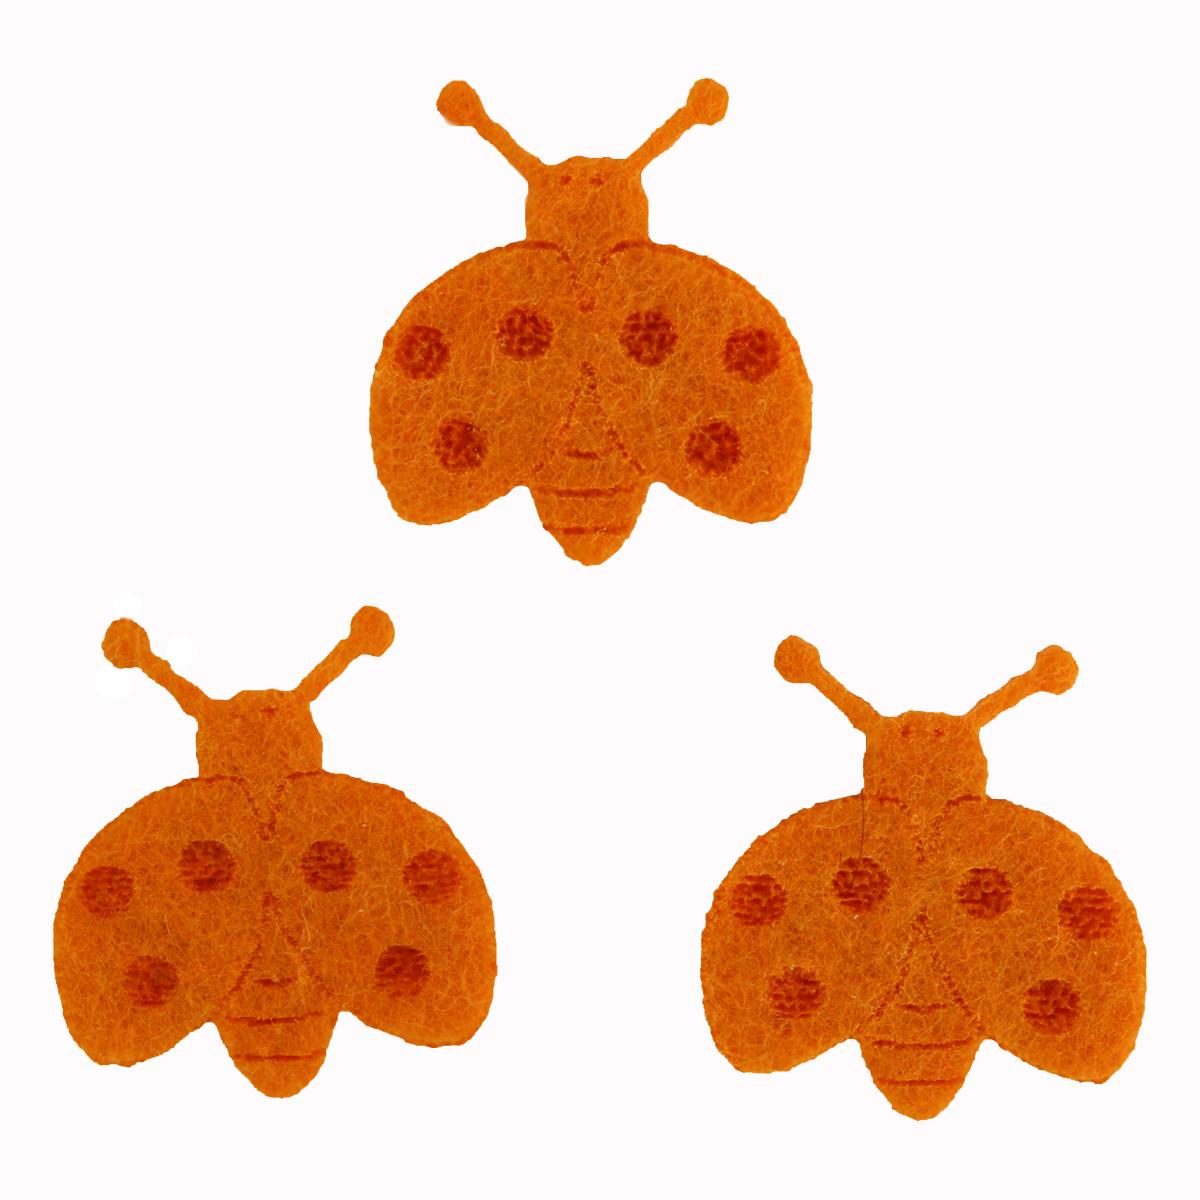 Фигурки из фетра Glorex Божьи коровки, цвет: оранжевый, 10 шт318820Заготовки из фетра для декора- это готовые фигурки, которые значительно упростят и сэкономят время рукодельницам, и помогут перед праздниками успеть намного больше. Фигурки ускорят изготовление подарков, сувениров и декорирования поделок.Фигурки замечательно держат форму, не деформируются в период эксплуатации и носки, не образовываются скатыши на ткани, а также не рассыпается по краям. Фетр, не имея изнанку, можно пришивать или приклеивать любой стороной. Имея плотную структуру, этот материал необычайно износостойкий, приятный на ощупь, красивый, надежный, не требует особого ухода, не линяет, и не растягивается.